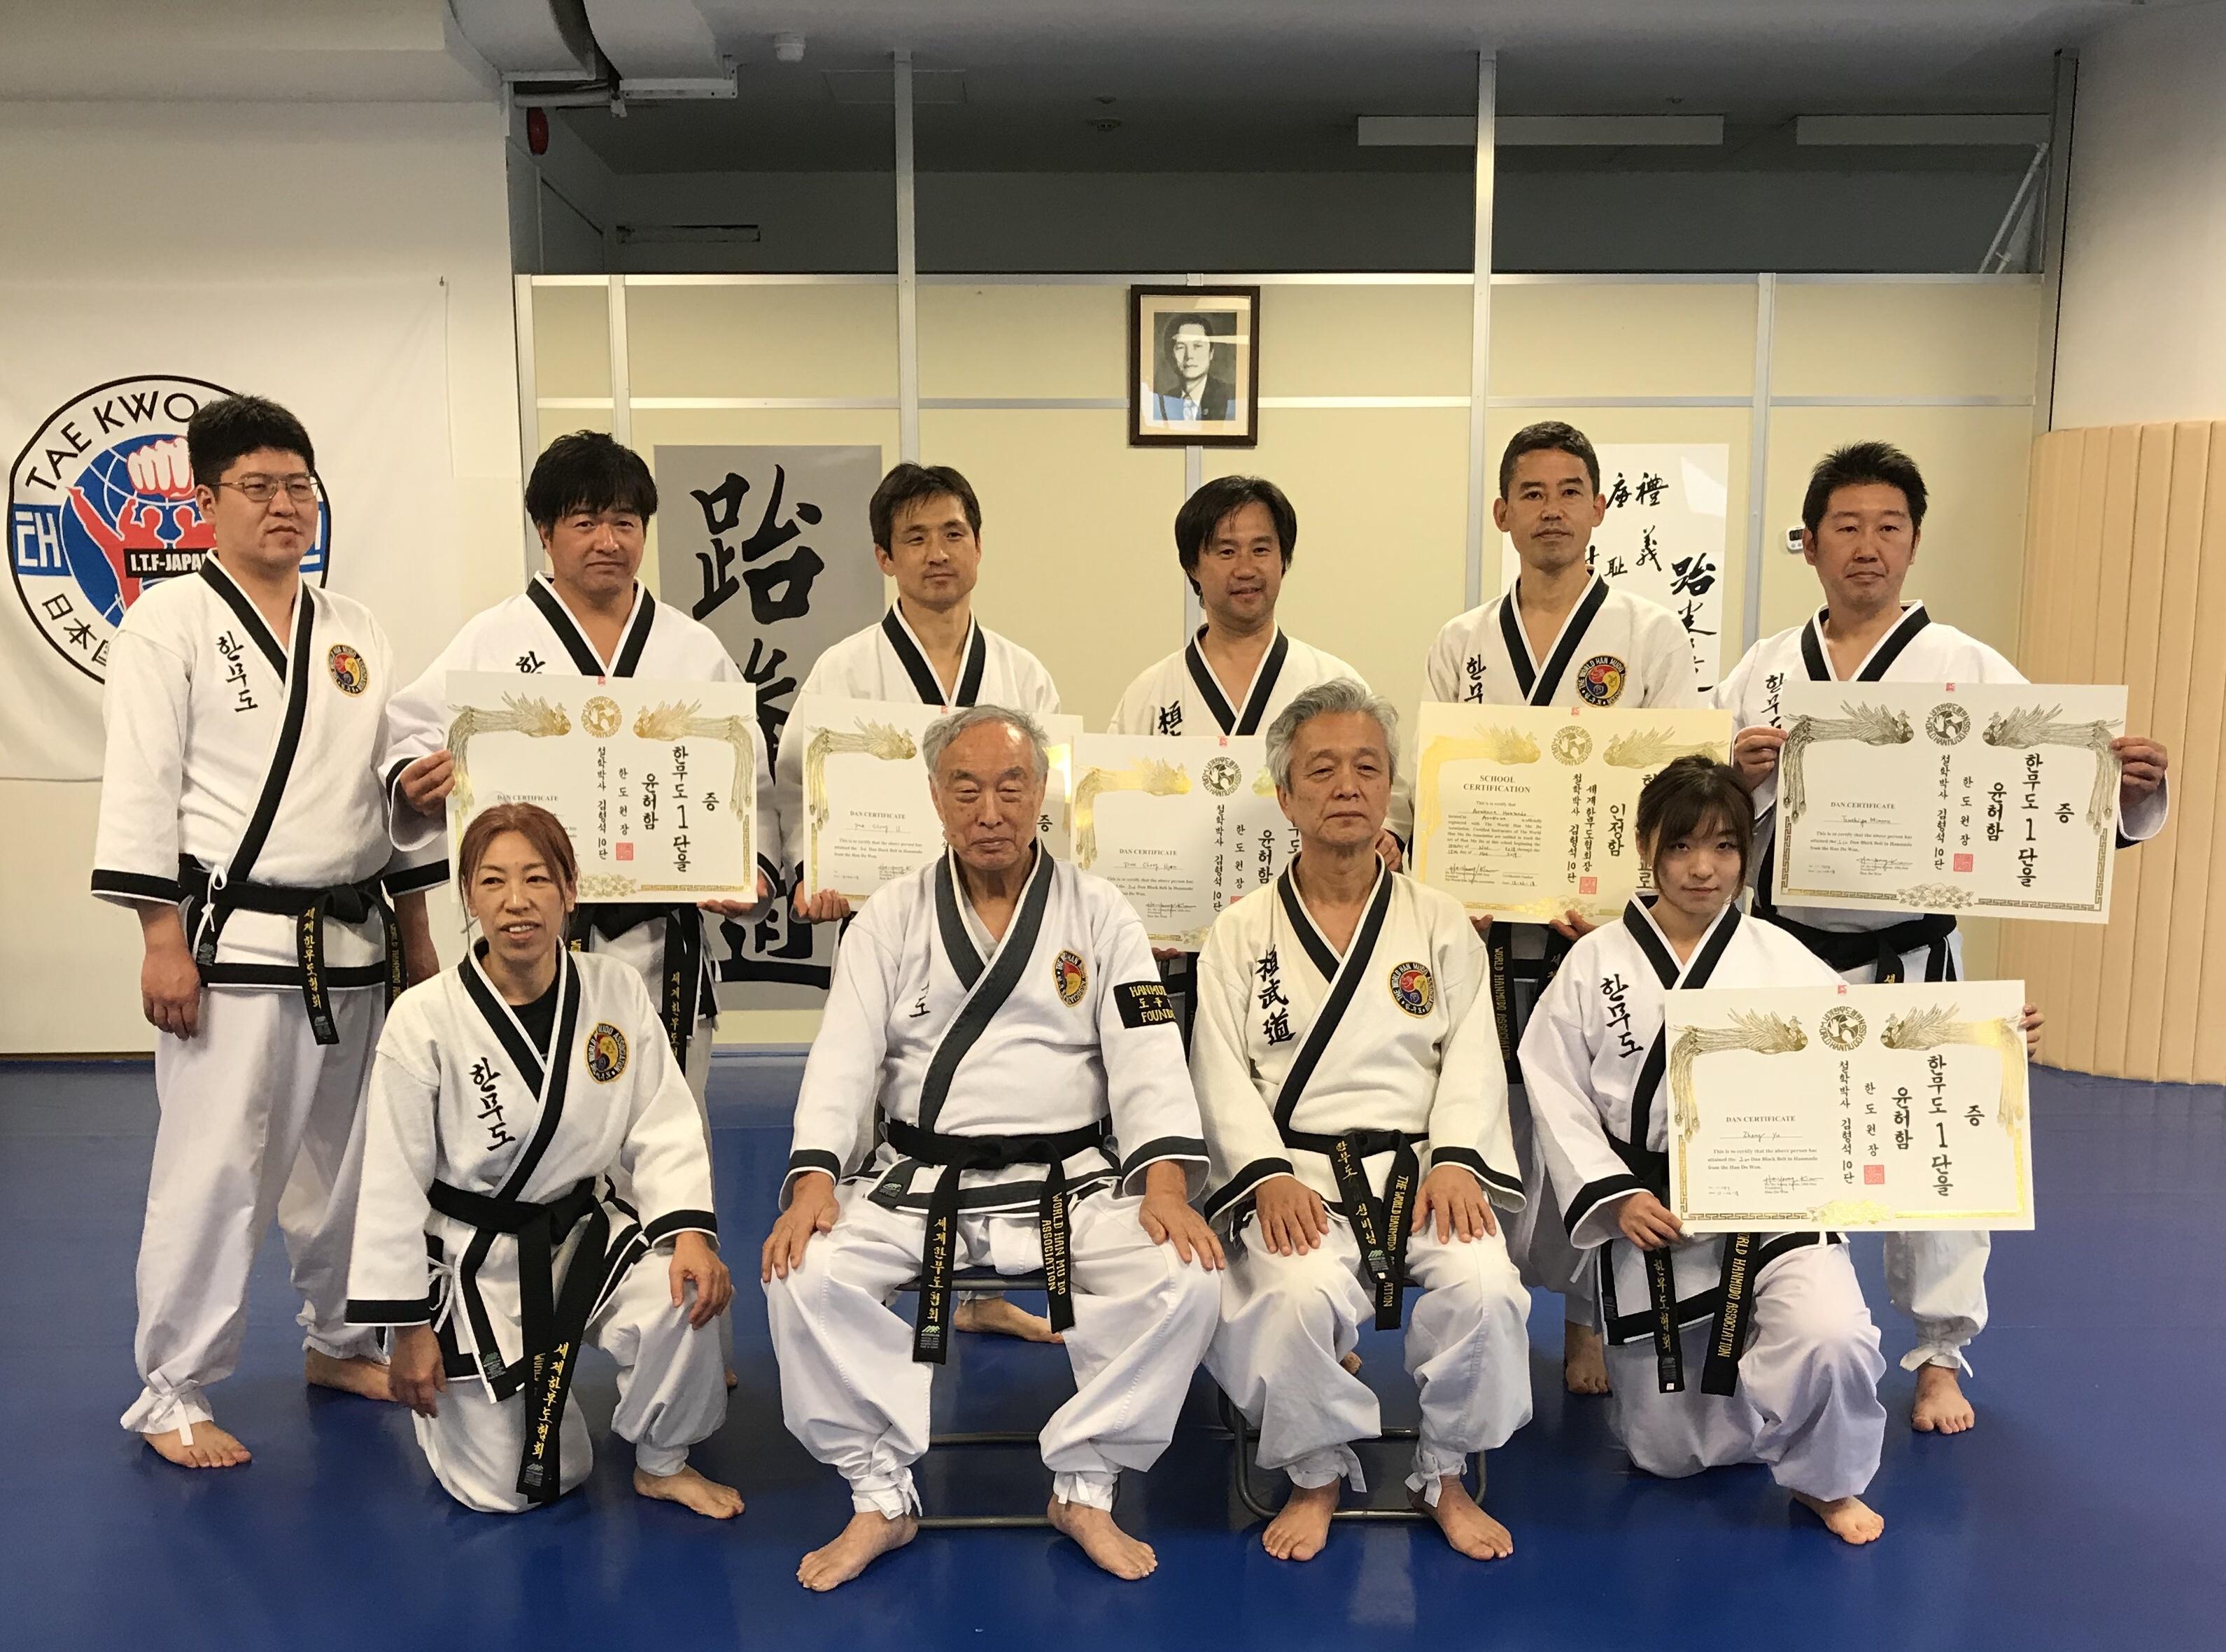 ハンムドー創始者金ヒヨン先生 来日セミナー2018 (昇段審査会)